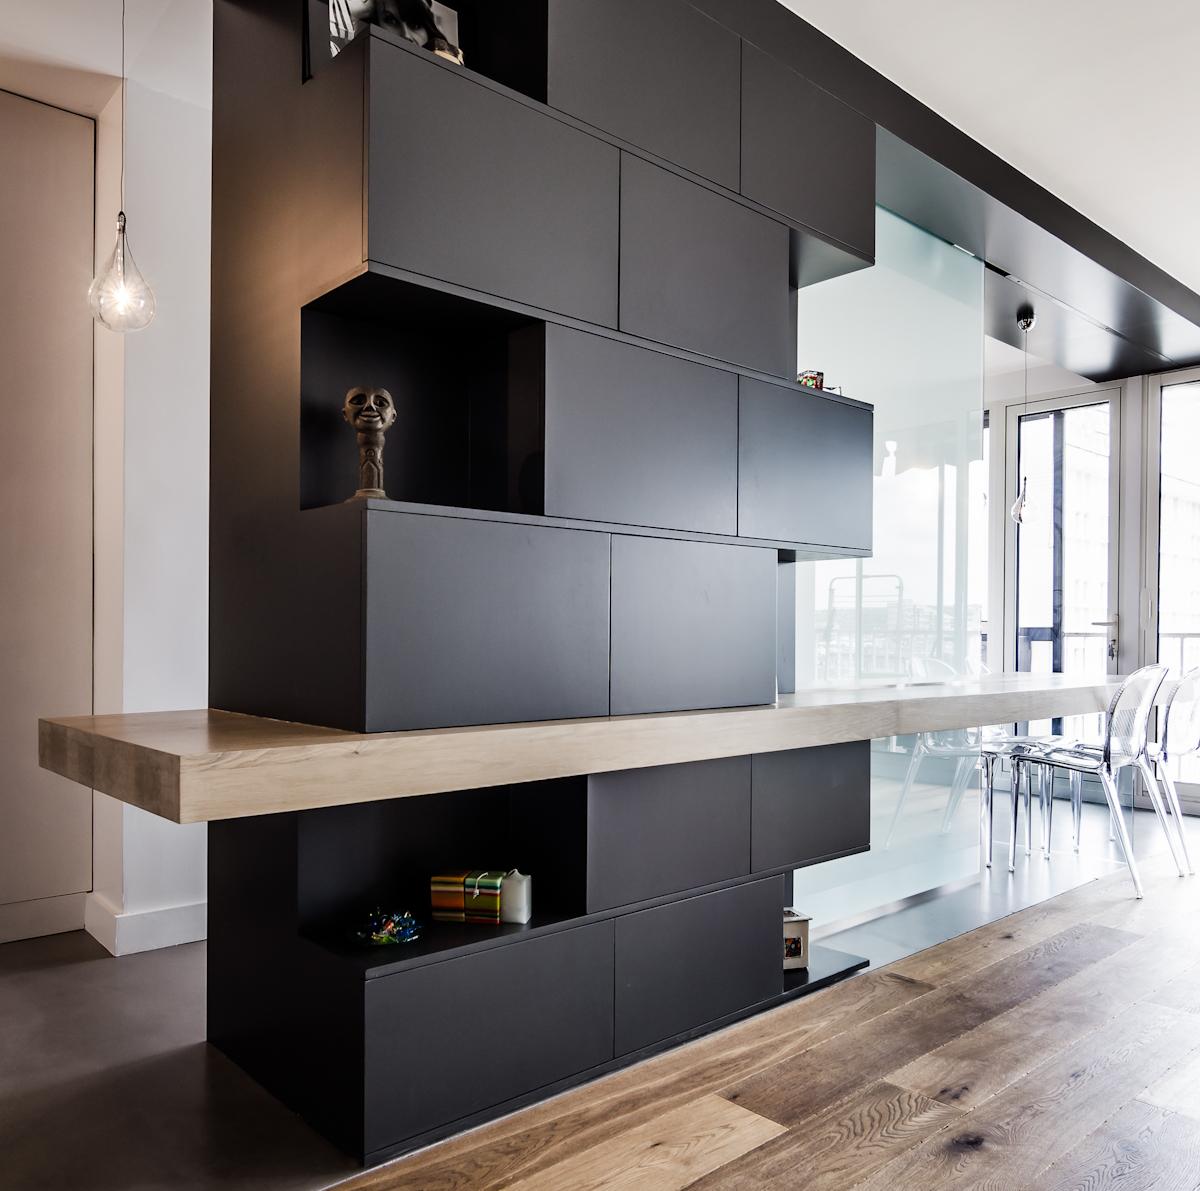 09-Rénovation appartement Boulogne-2